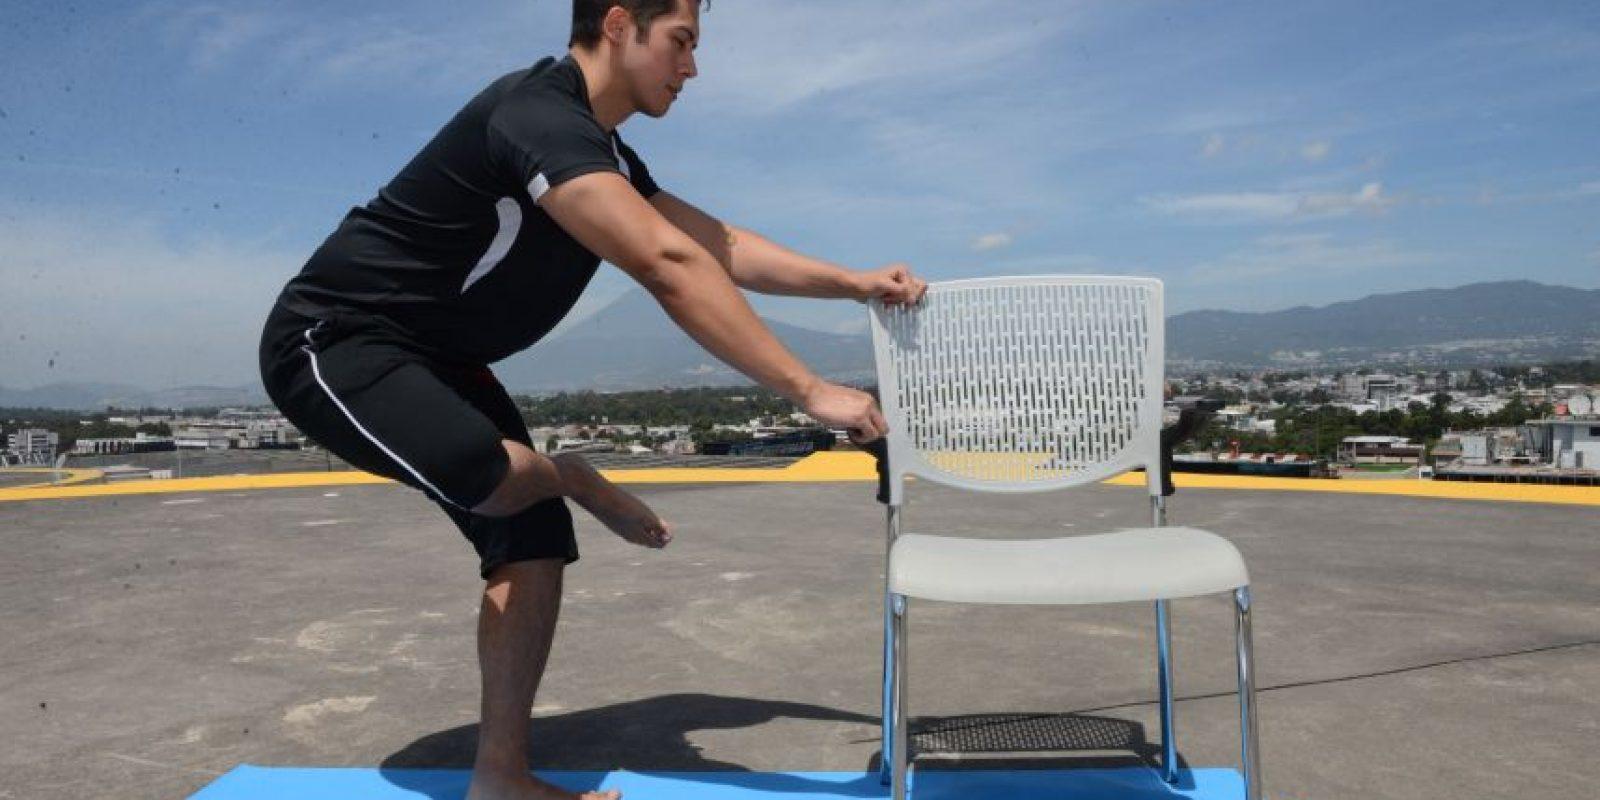 5. Pierna cruzada Apoyandose en una silla Foto:Oliver de Ros